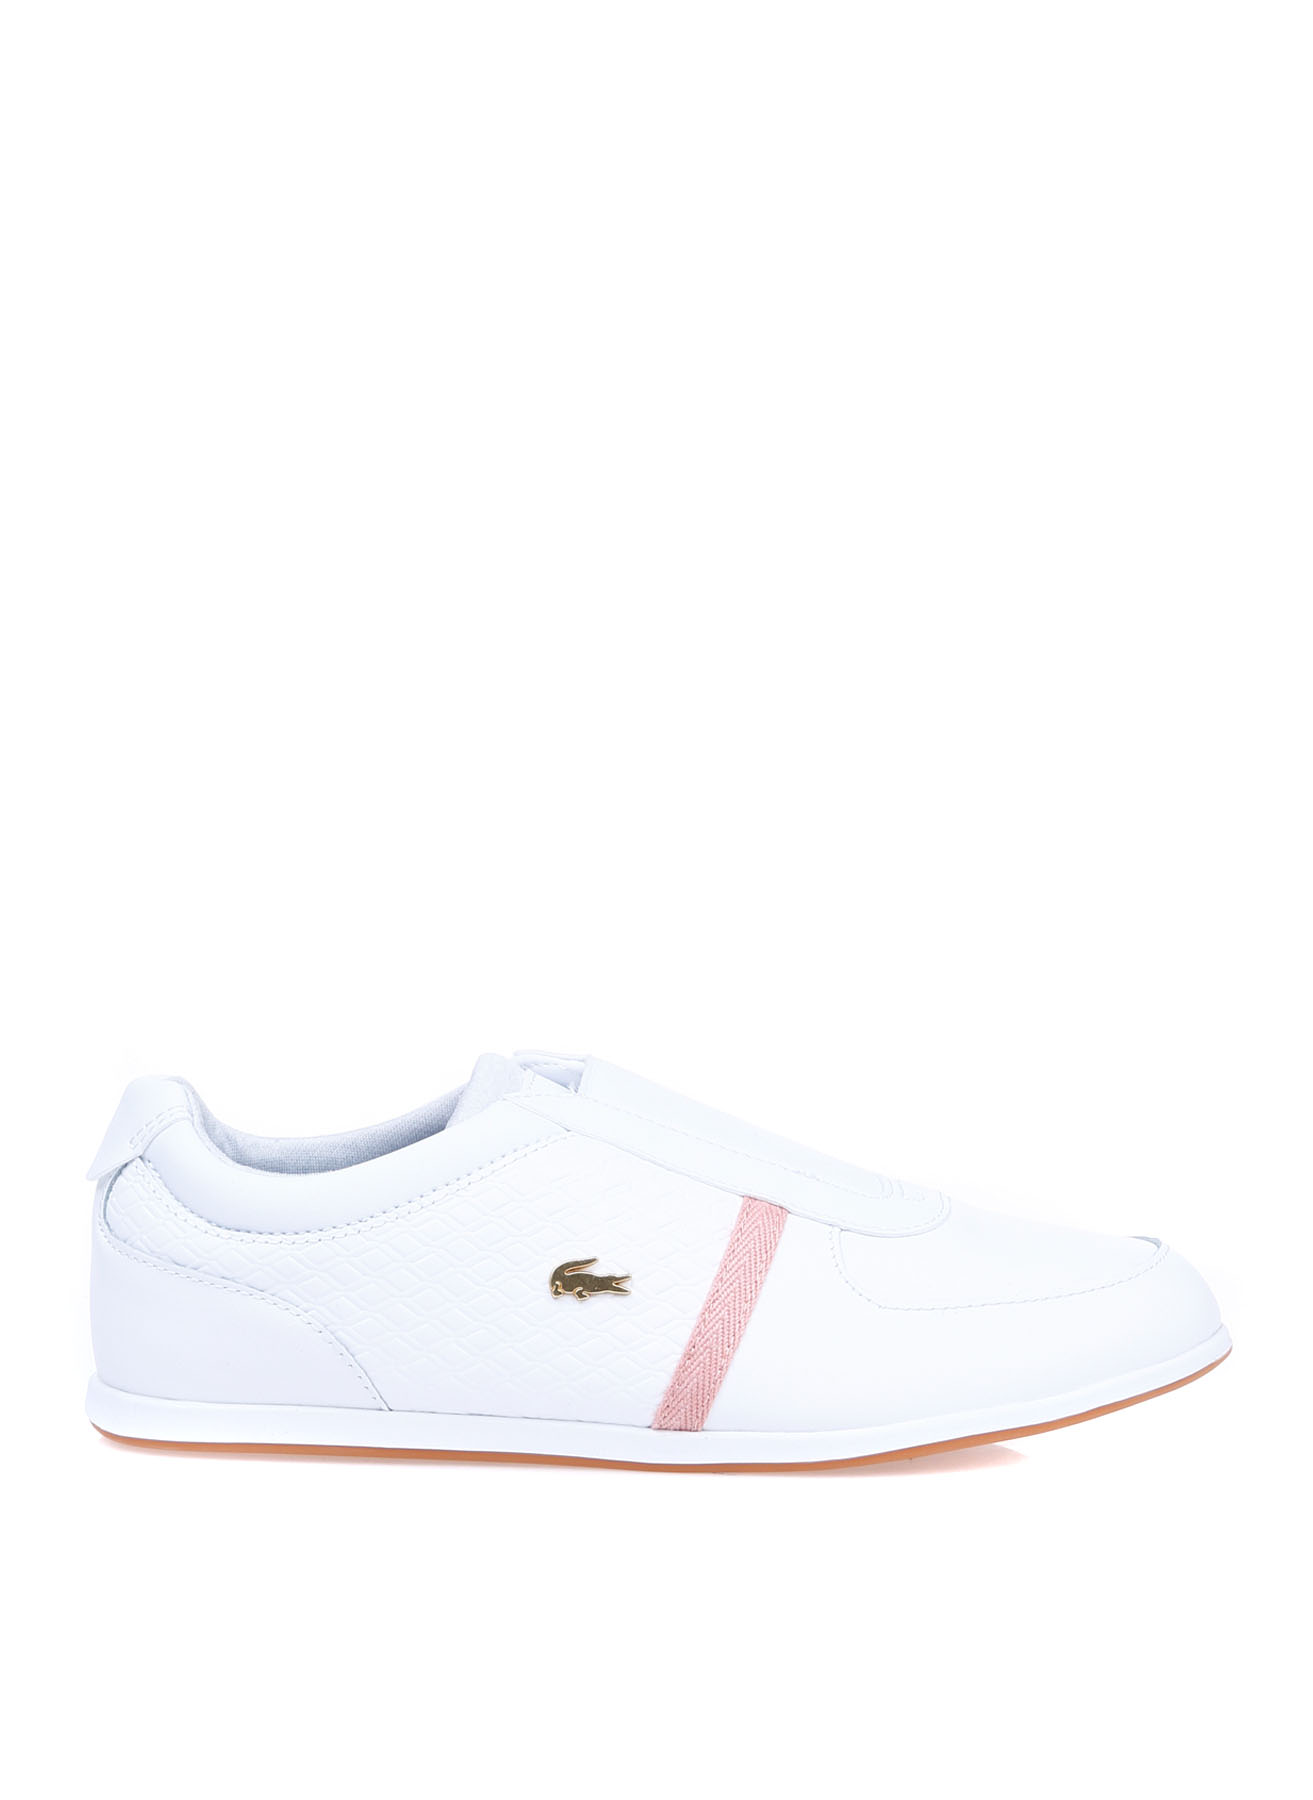 Lacoste Kadın Deri Beyaz Sneaker 38 5002312546003 Ürün Resmi